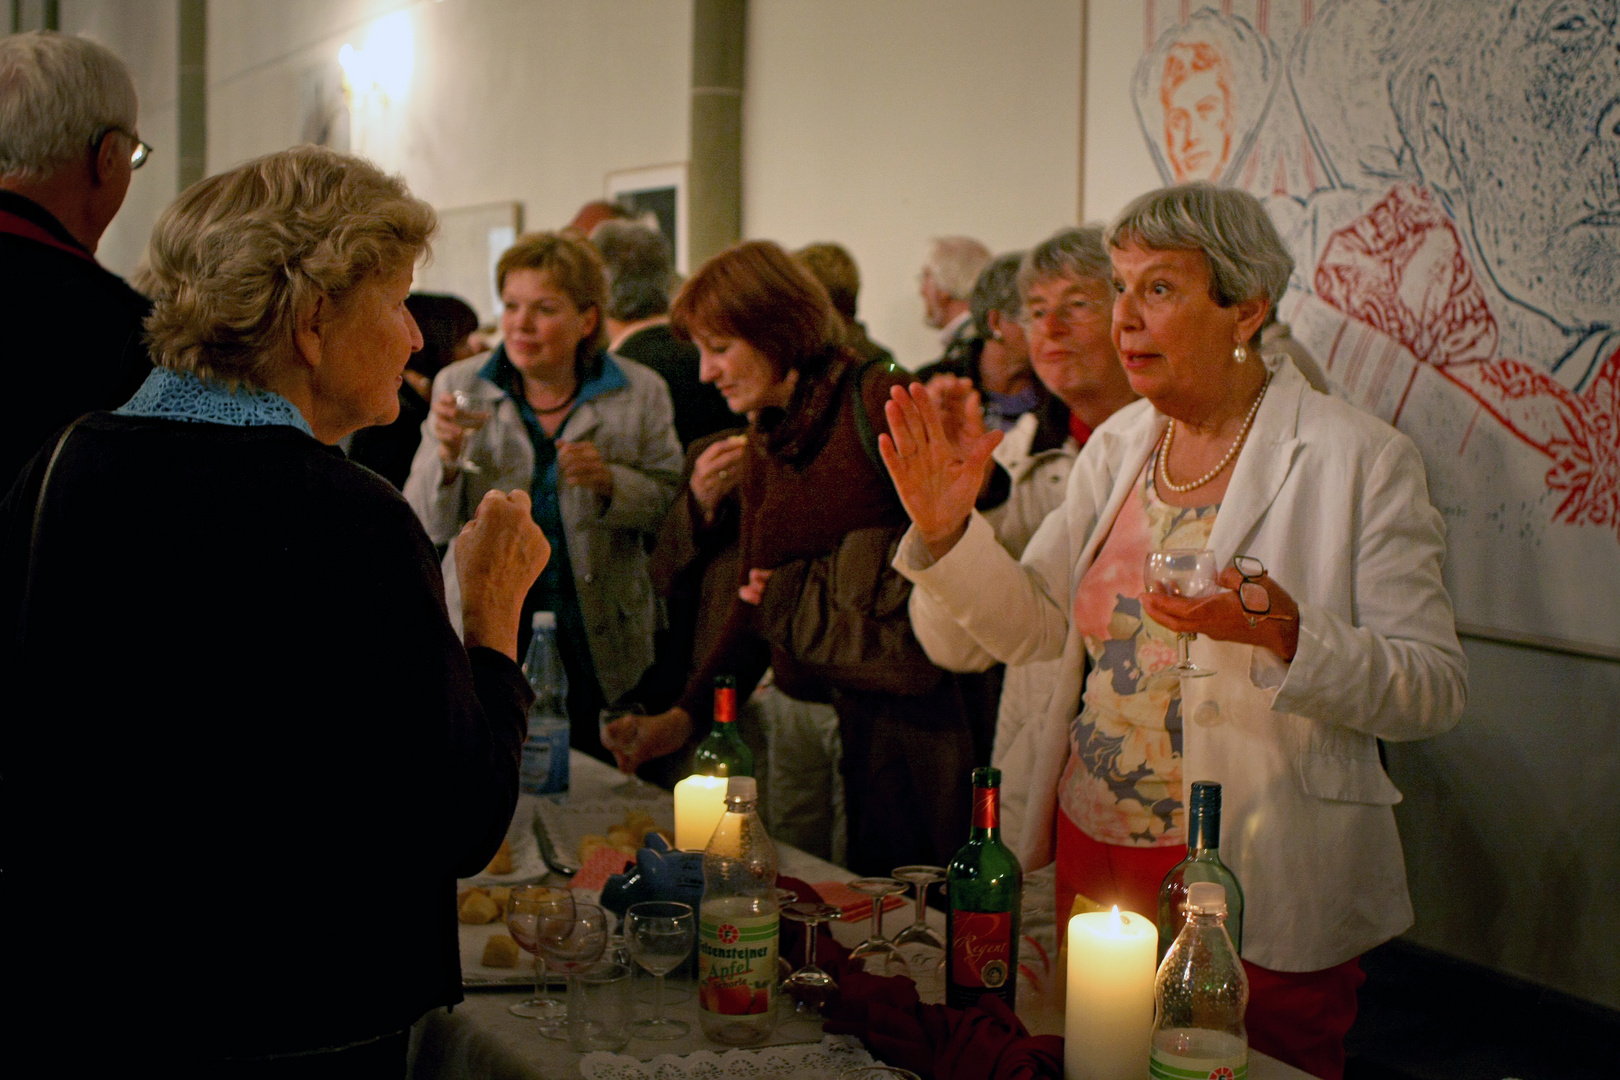 Besucher in der Thomae-Kirche in Soest …